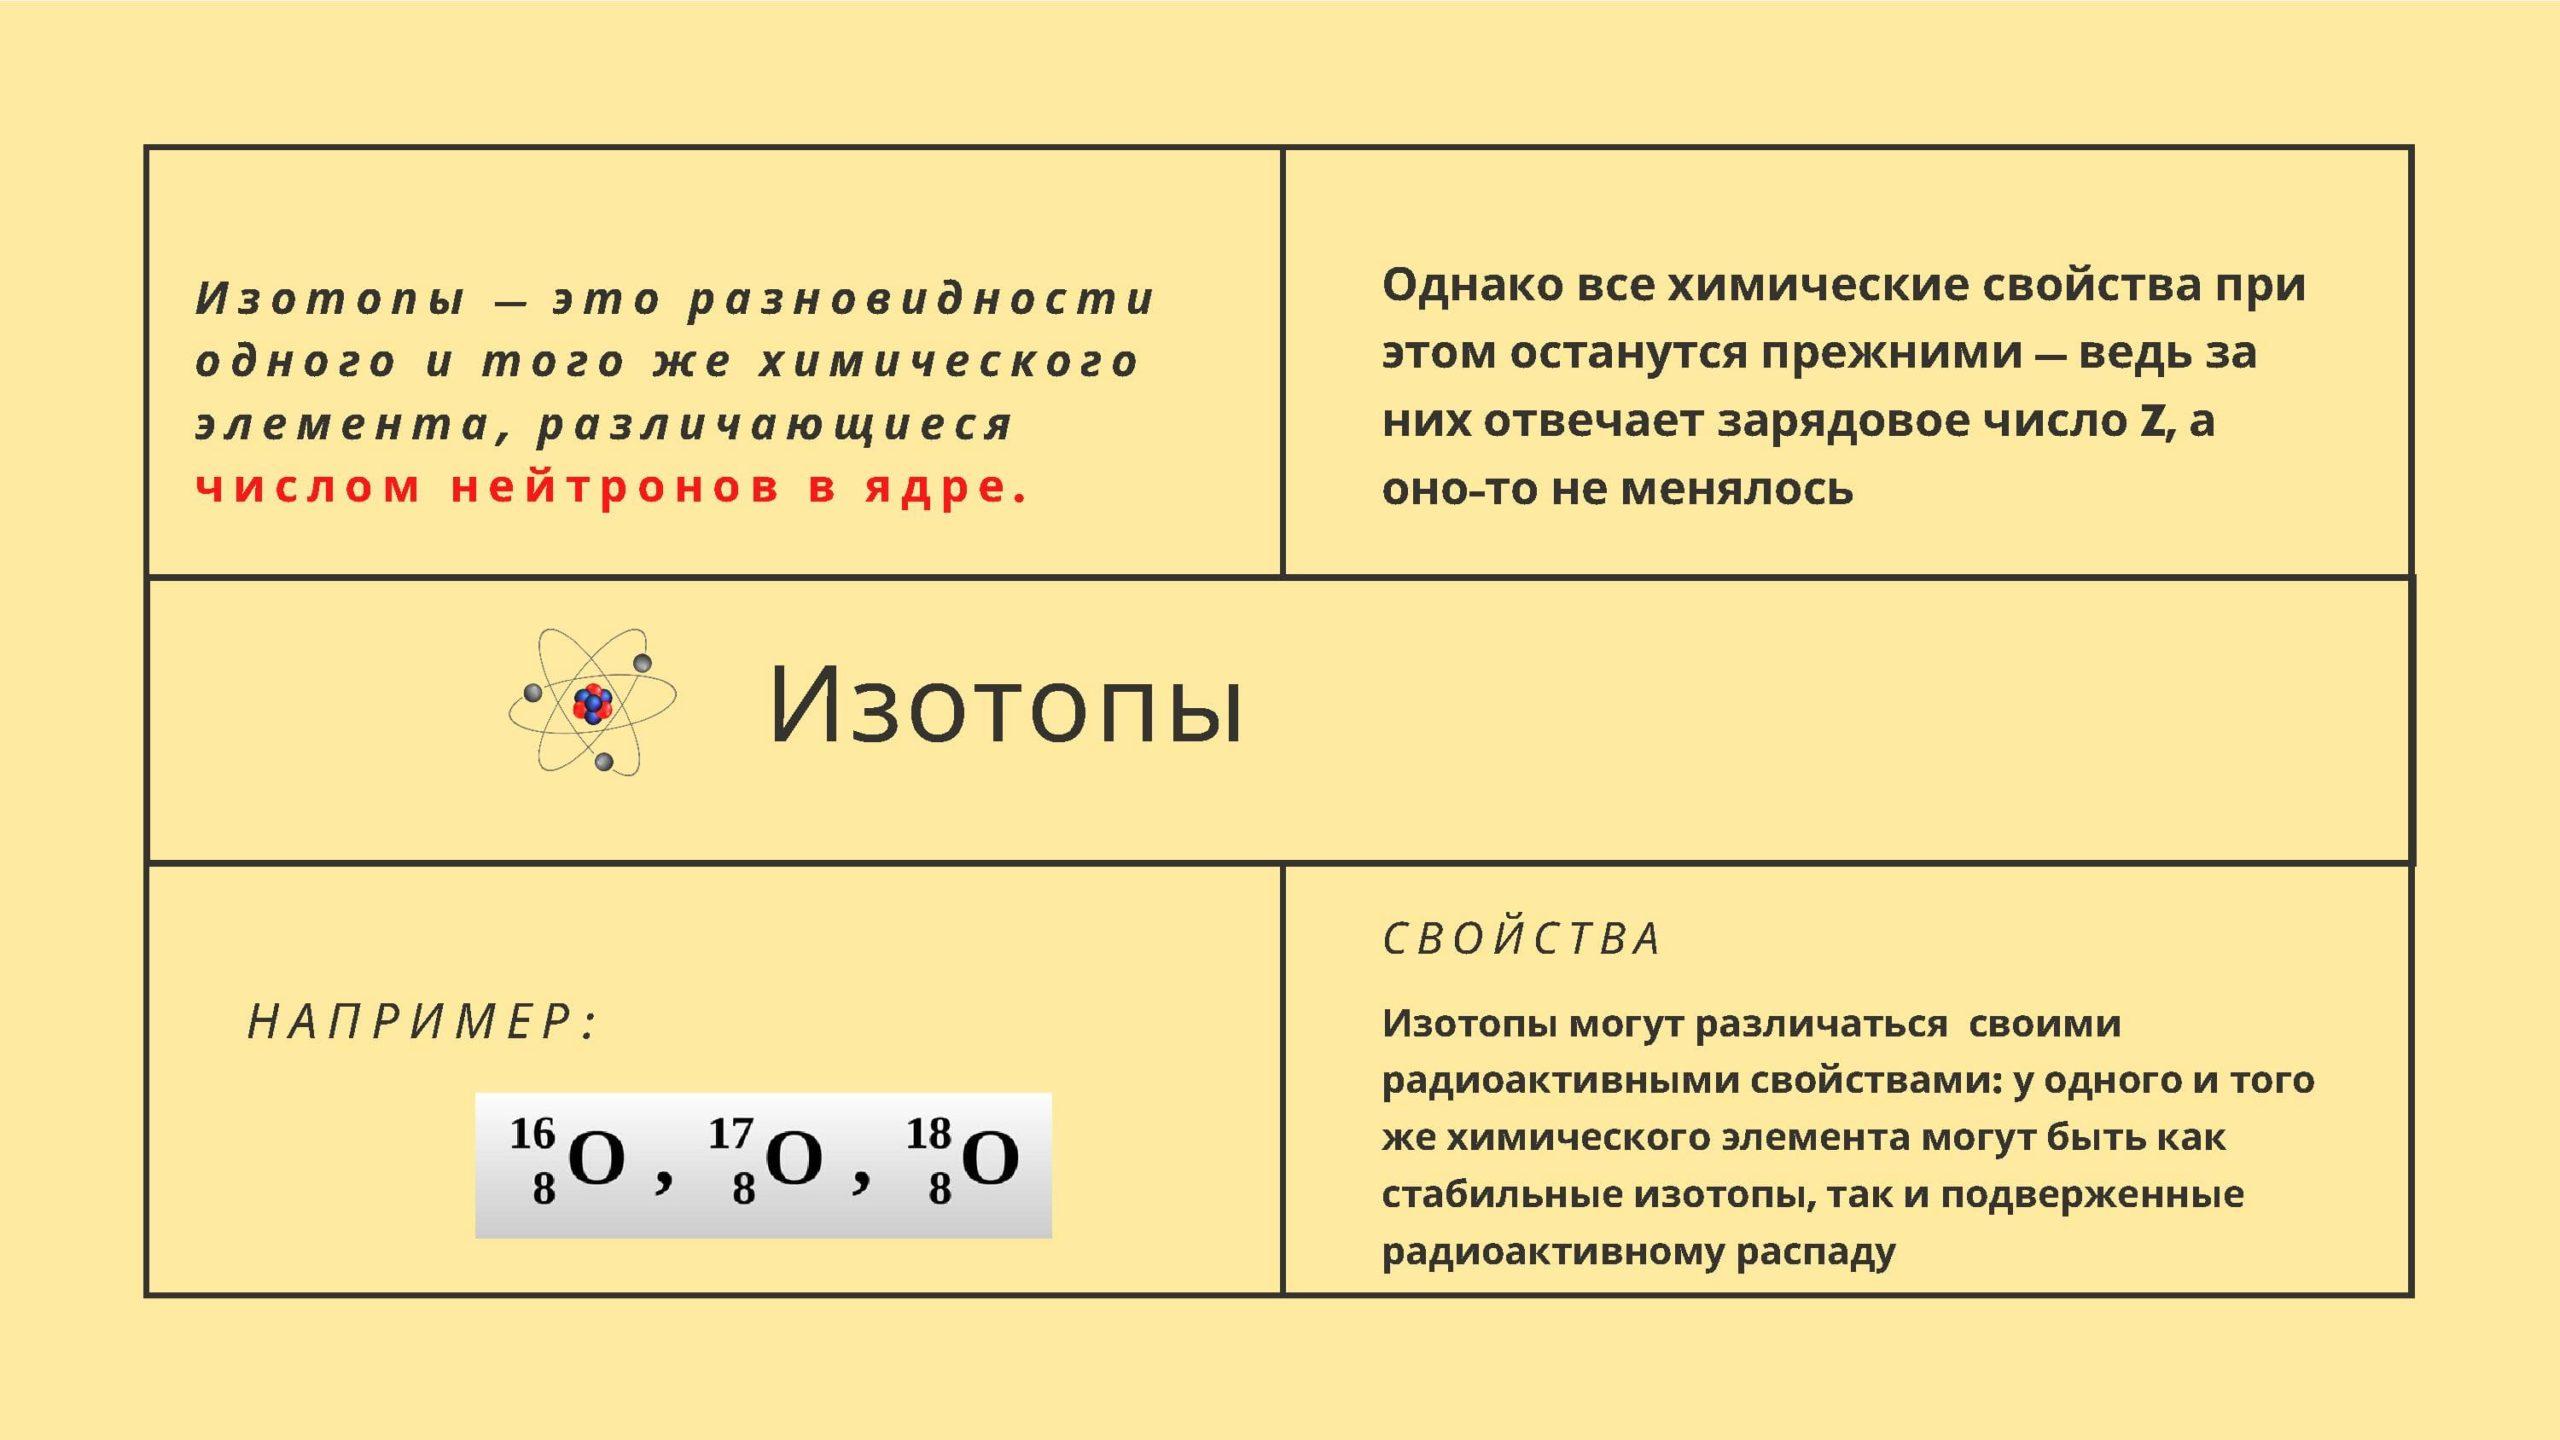 Изотопы - это разновидности одного и того же химического